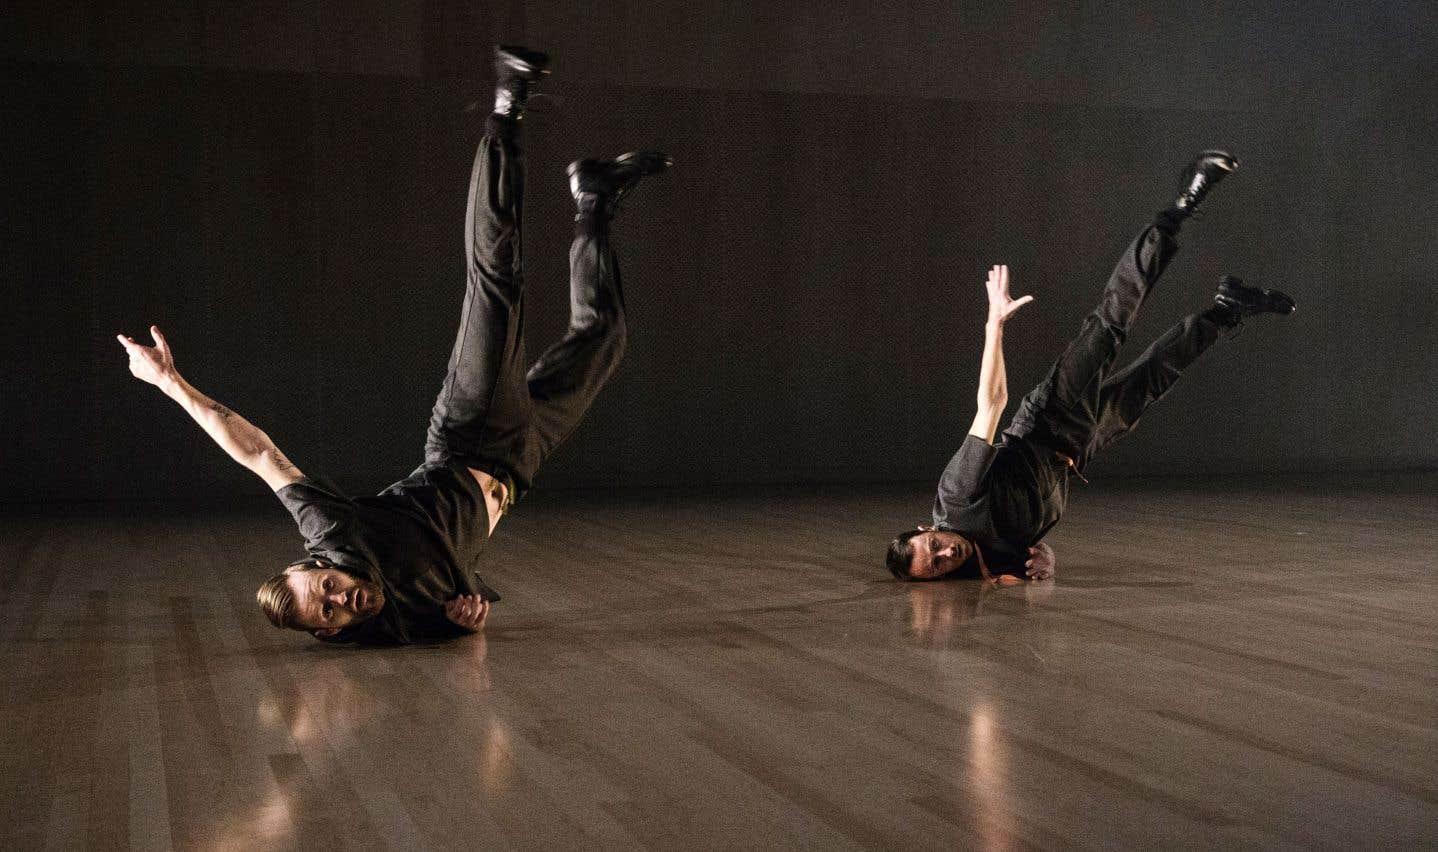 La grande sobriété de la scénographie met en valeur un intense travail acrobatique.